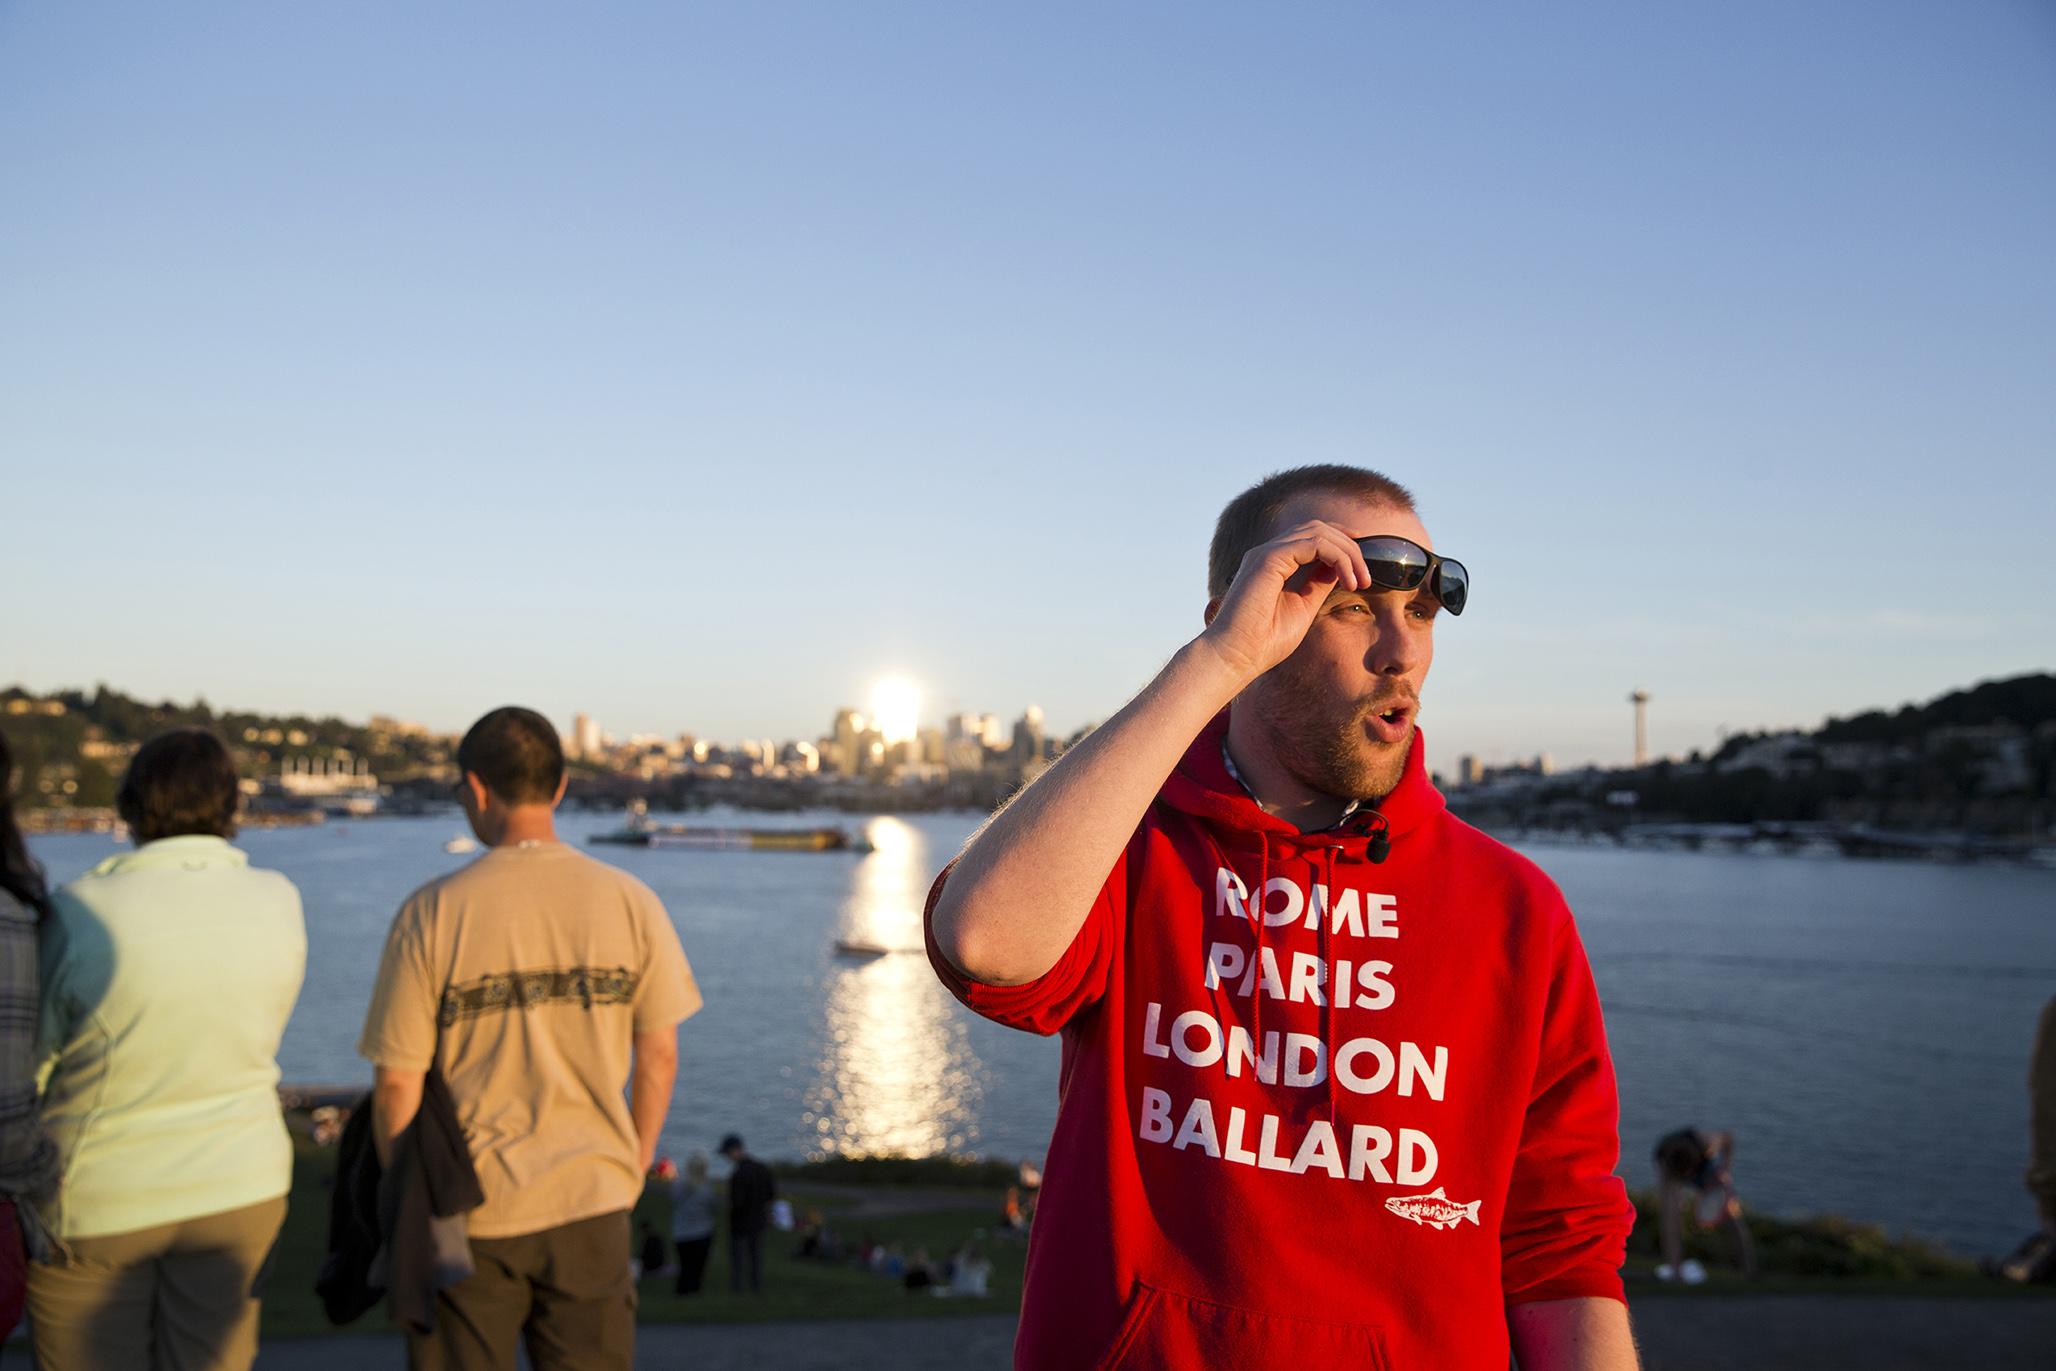 AMBASSADØR: Lars er ein stolt ambassadør av norskamerikansk kultur og Ballard, Seattle sin norske bydel.